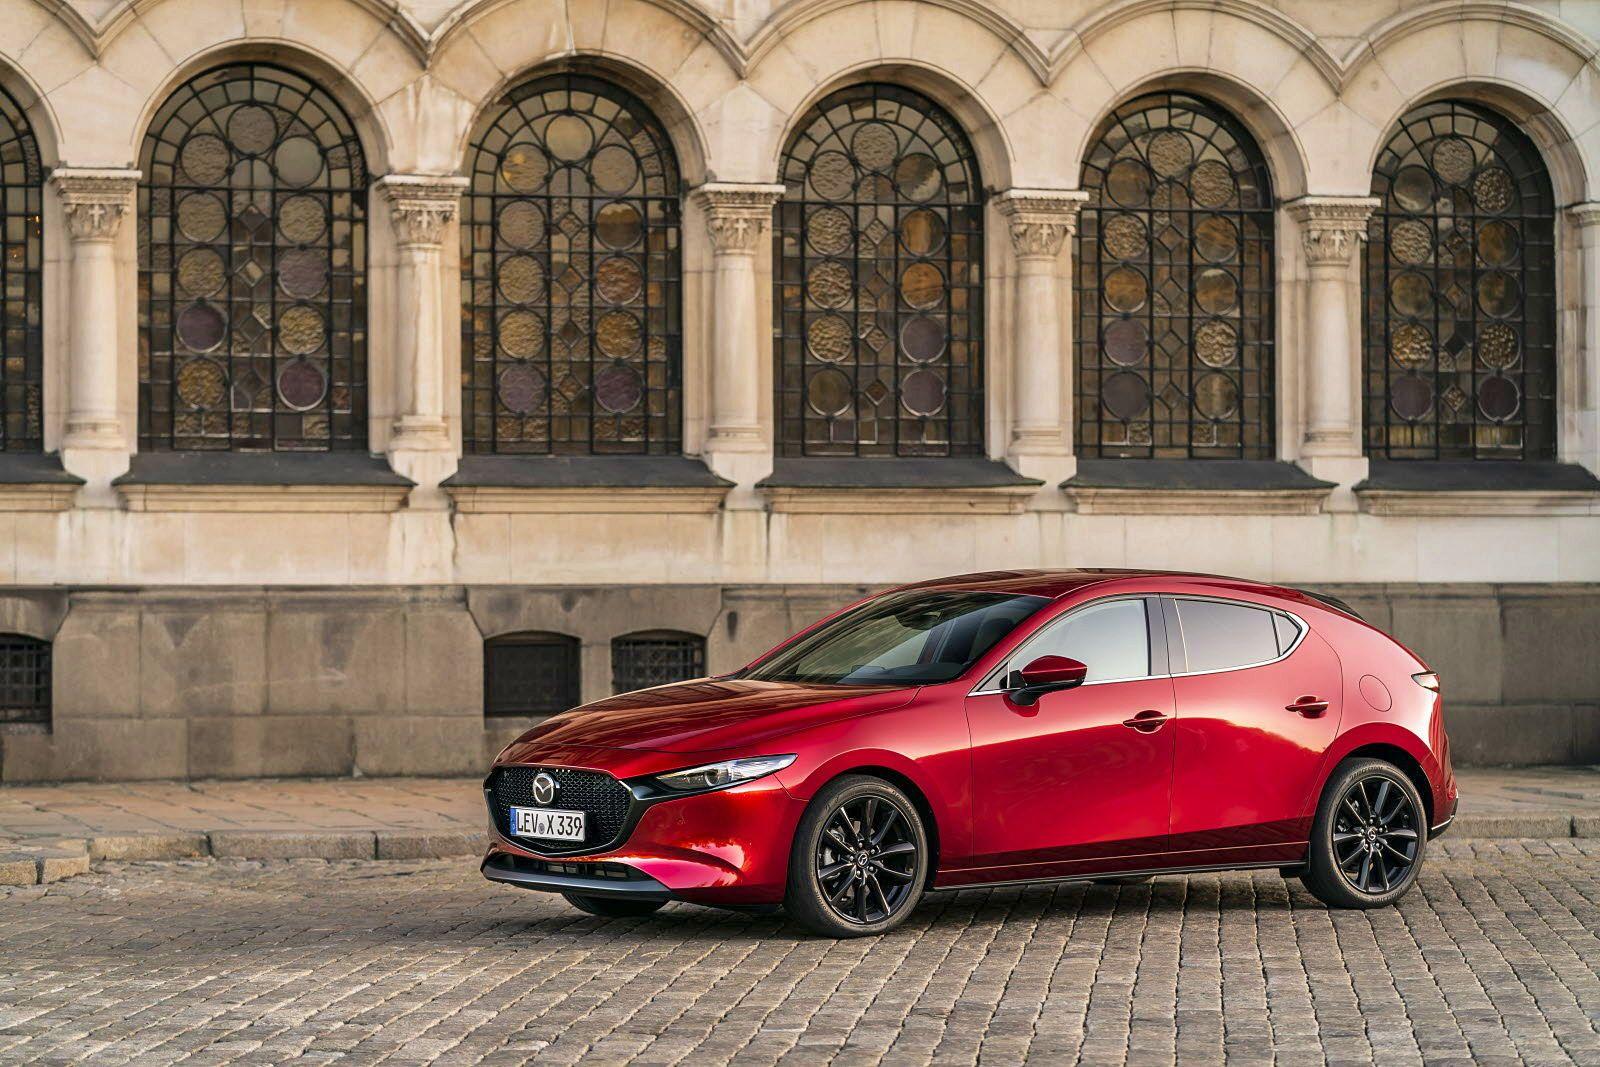 Vends Mazda3Sportline Skyactiv-X M Hybride 180ch - 2020, 8000km